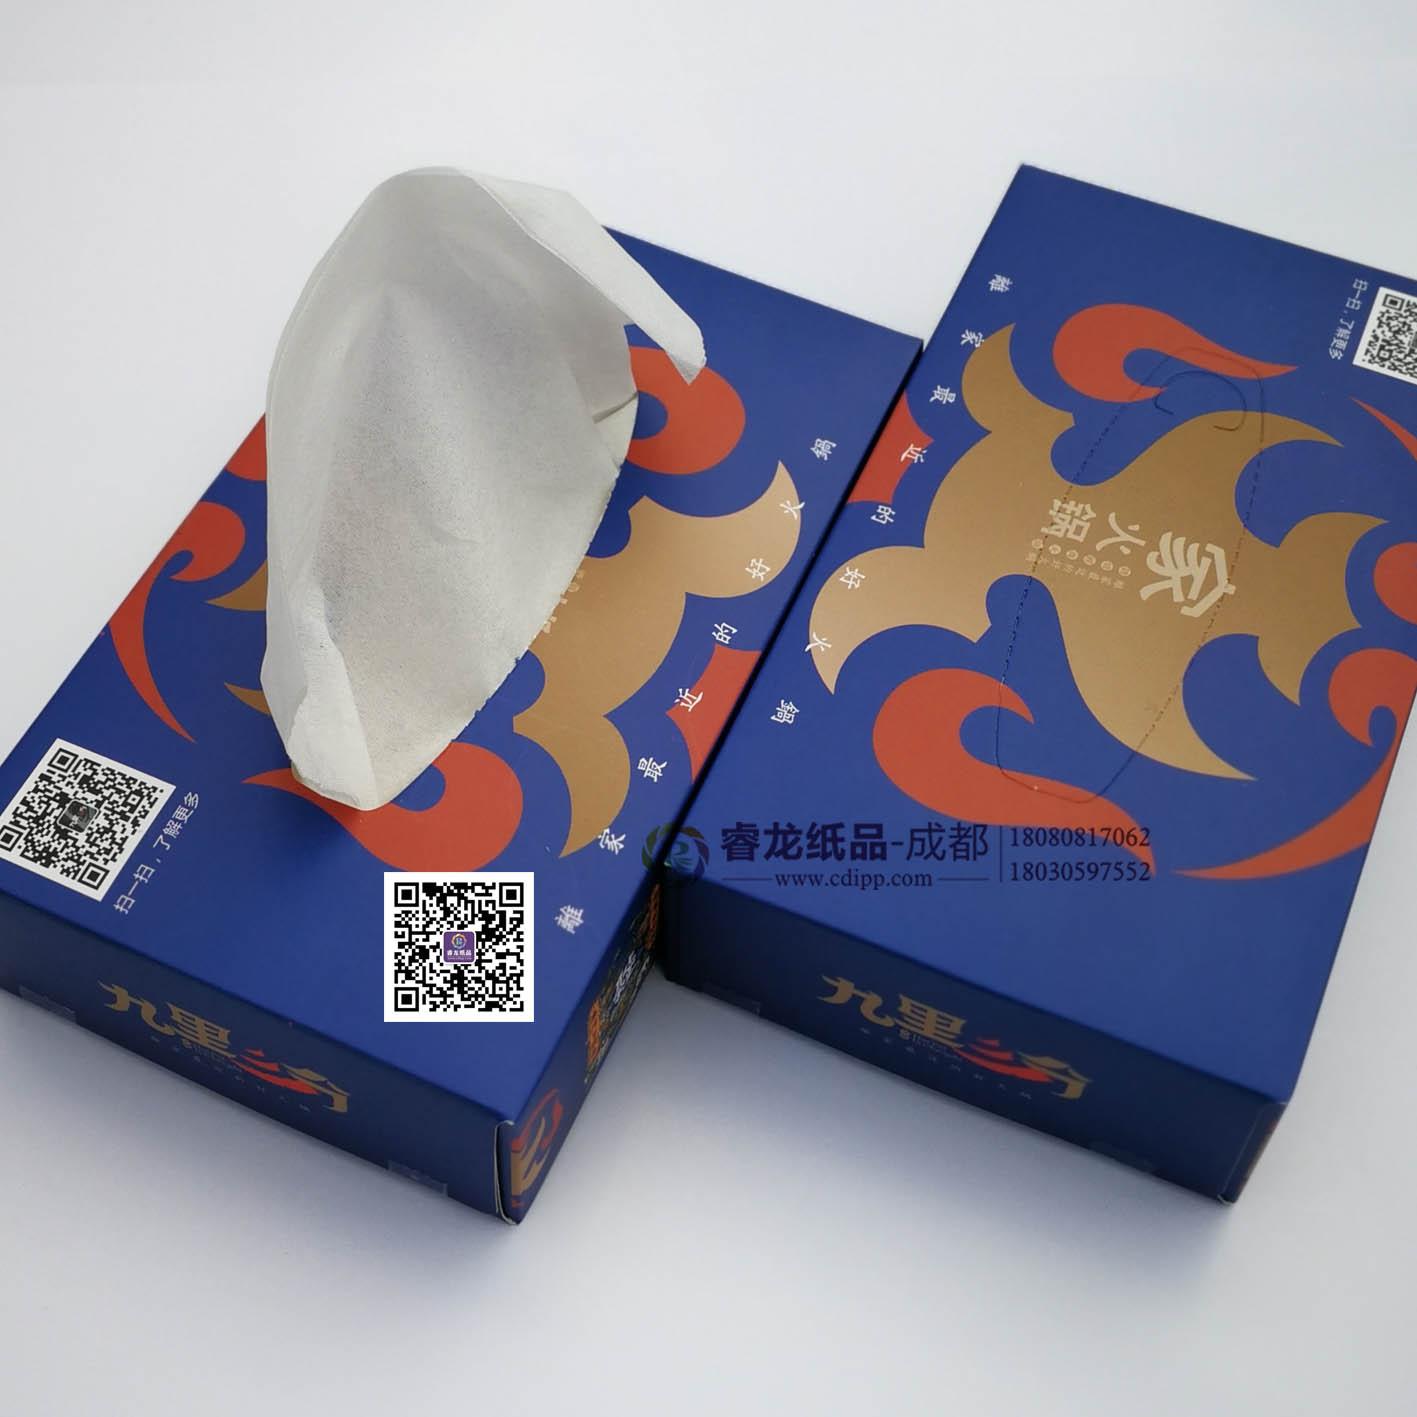 ?工廠更劃算?成都廣告禮品盒抽紙巾定制廠家?成都廣告盒抽